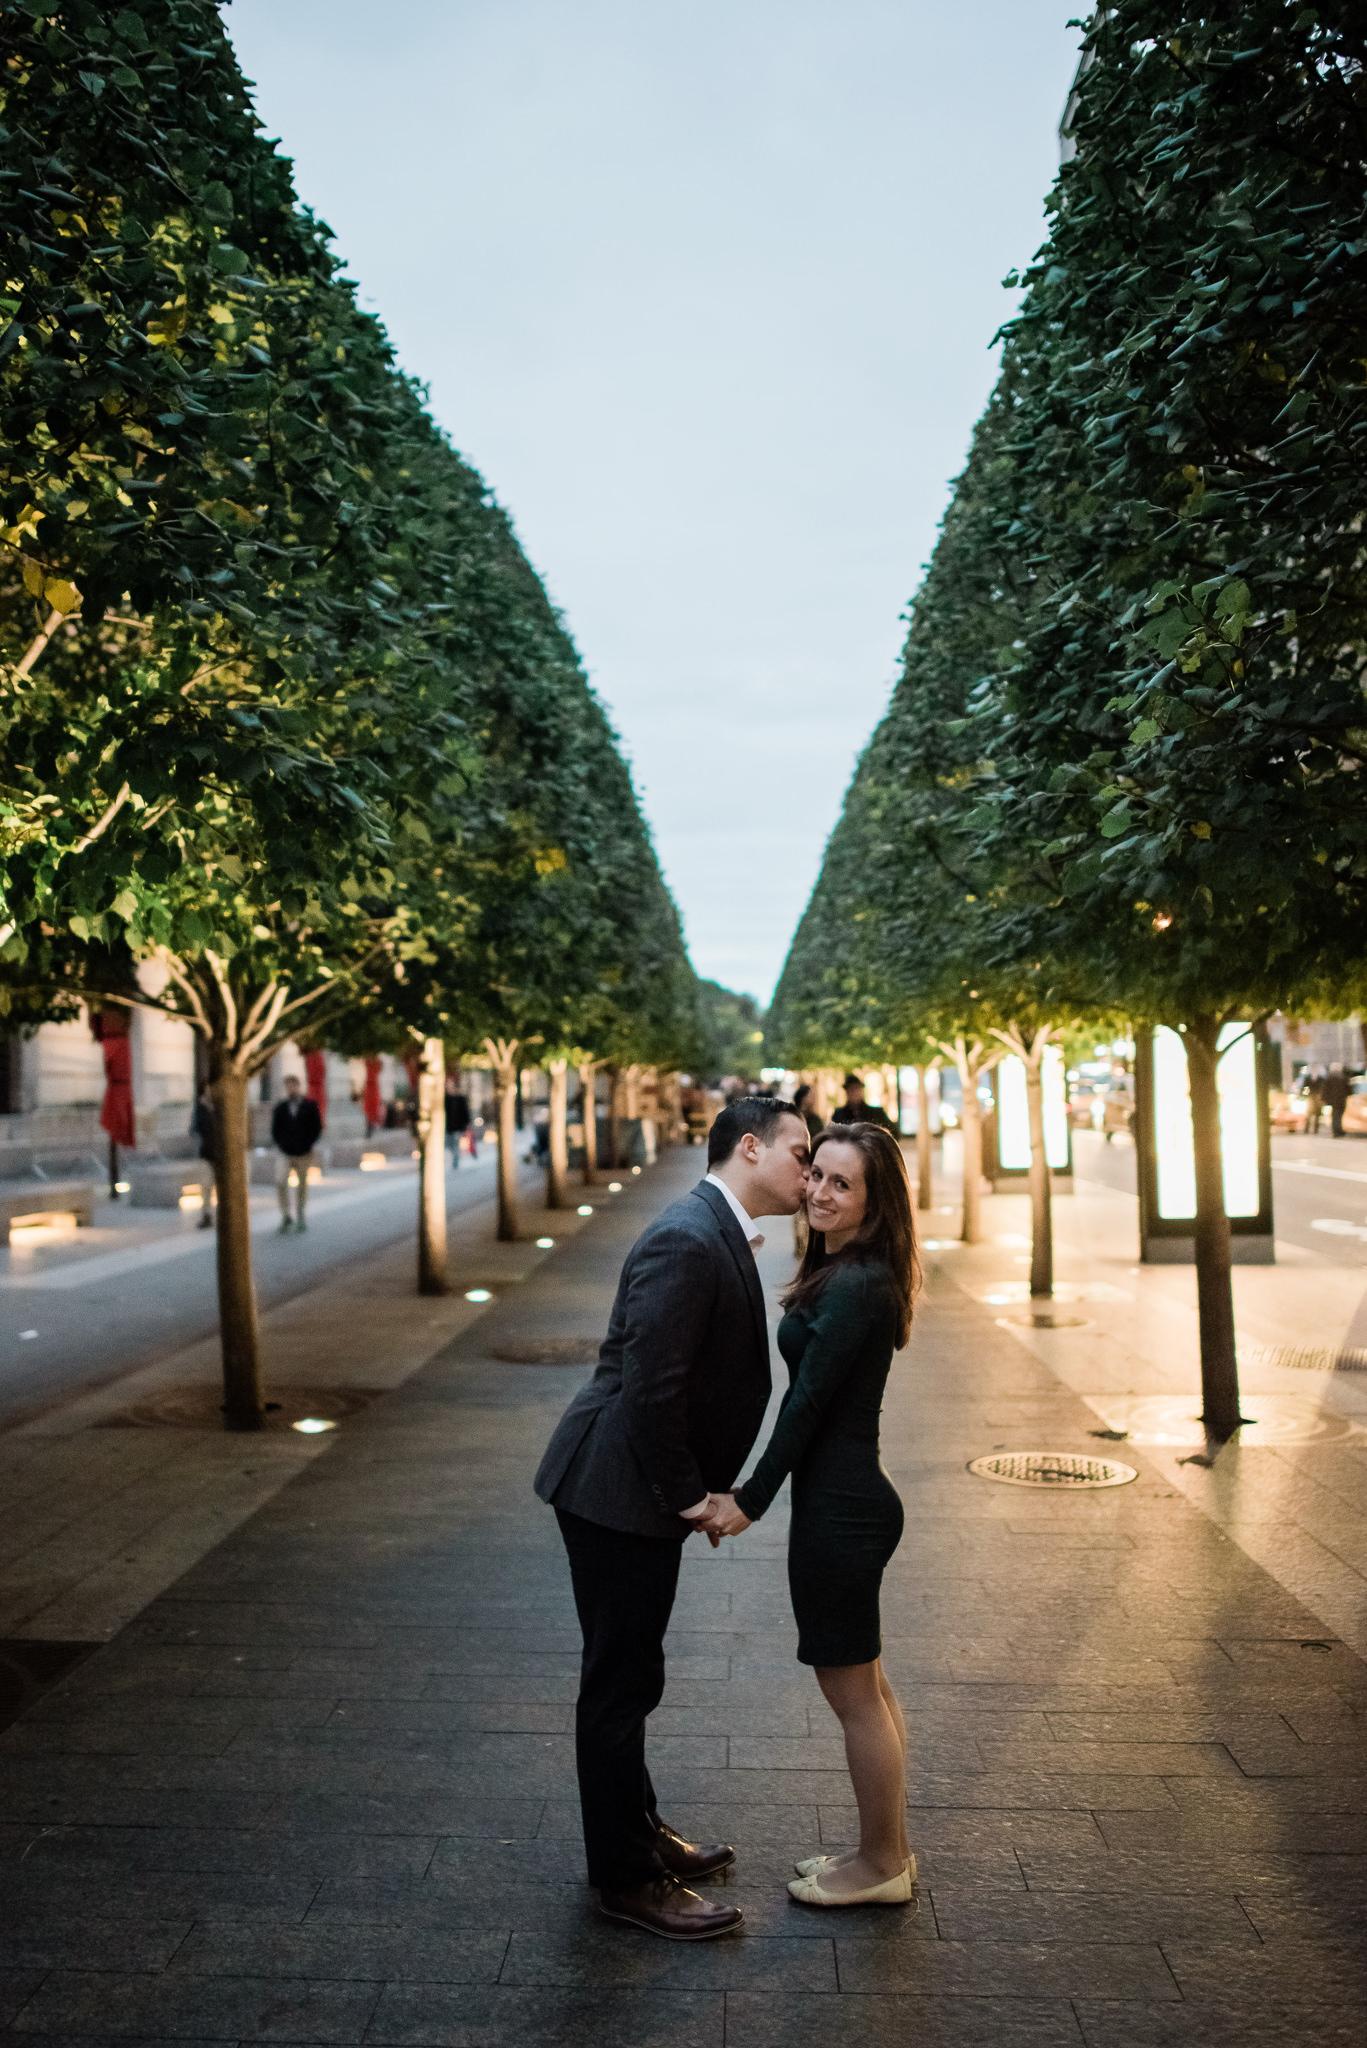 NEW_JERSEY_WEDDING_PHOTOGRAPHER_ARMZ_Z75_1656.jpg